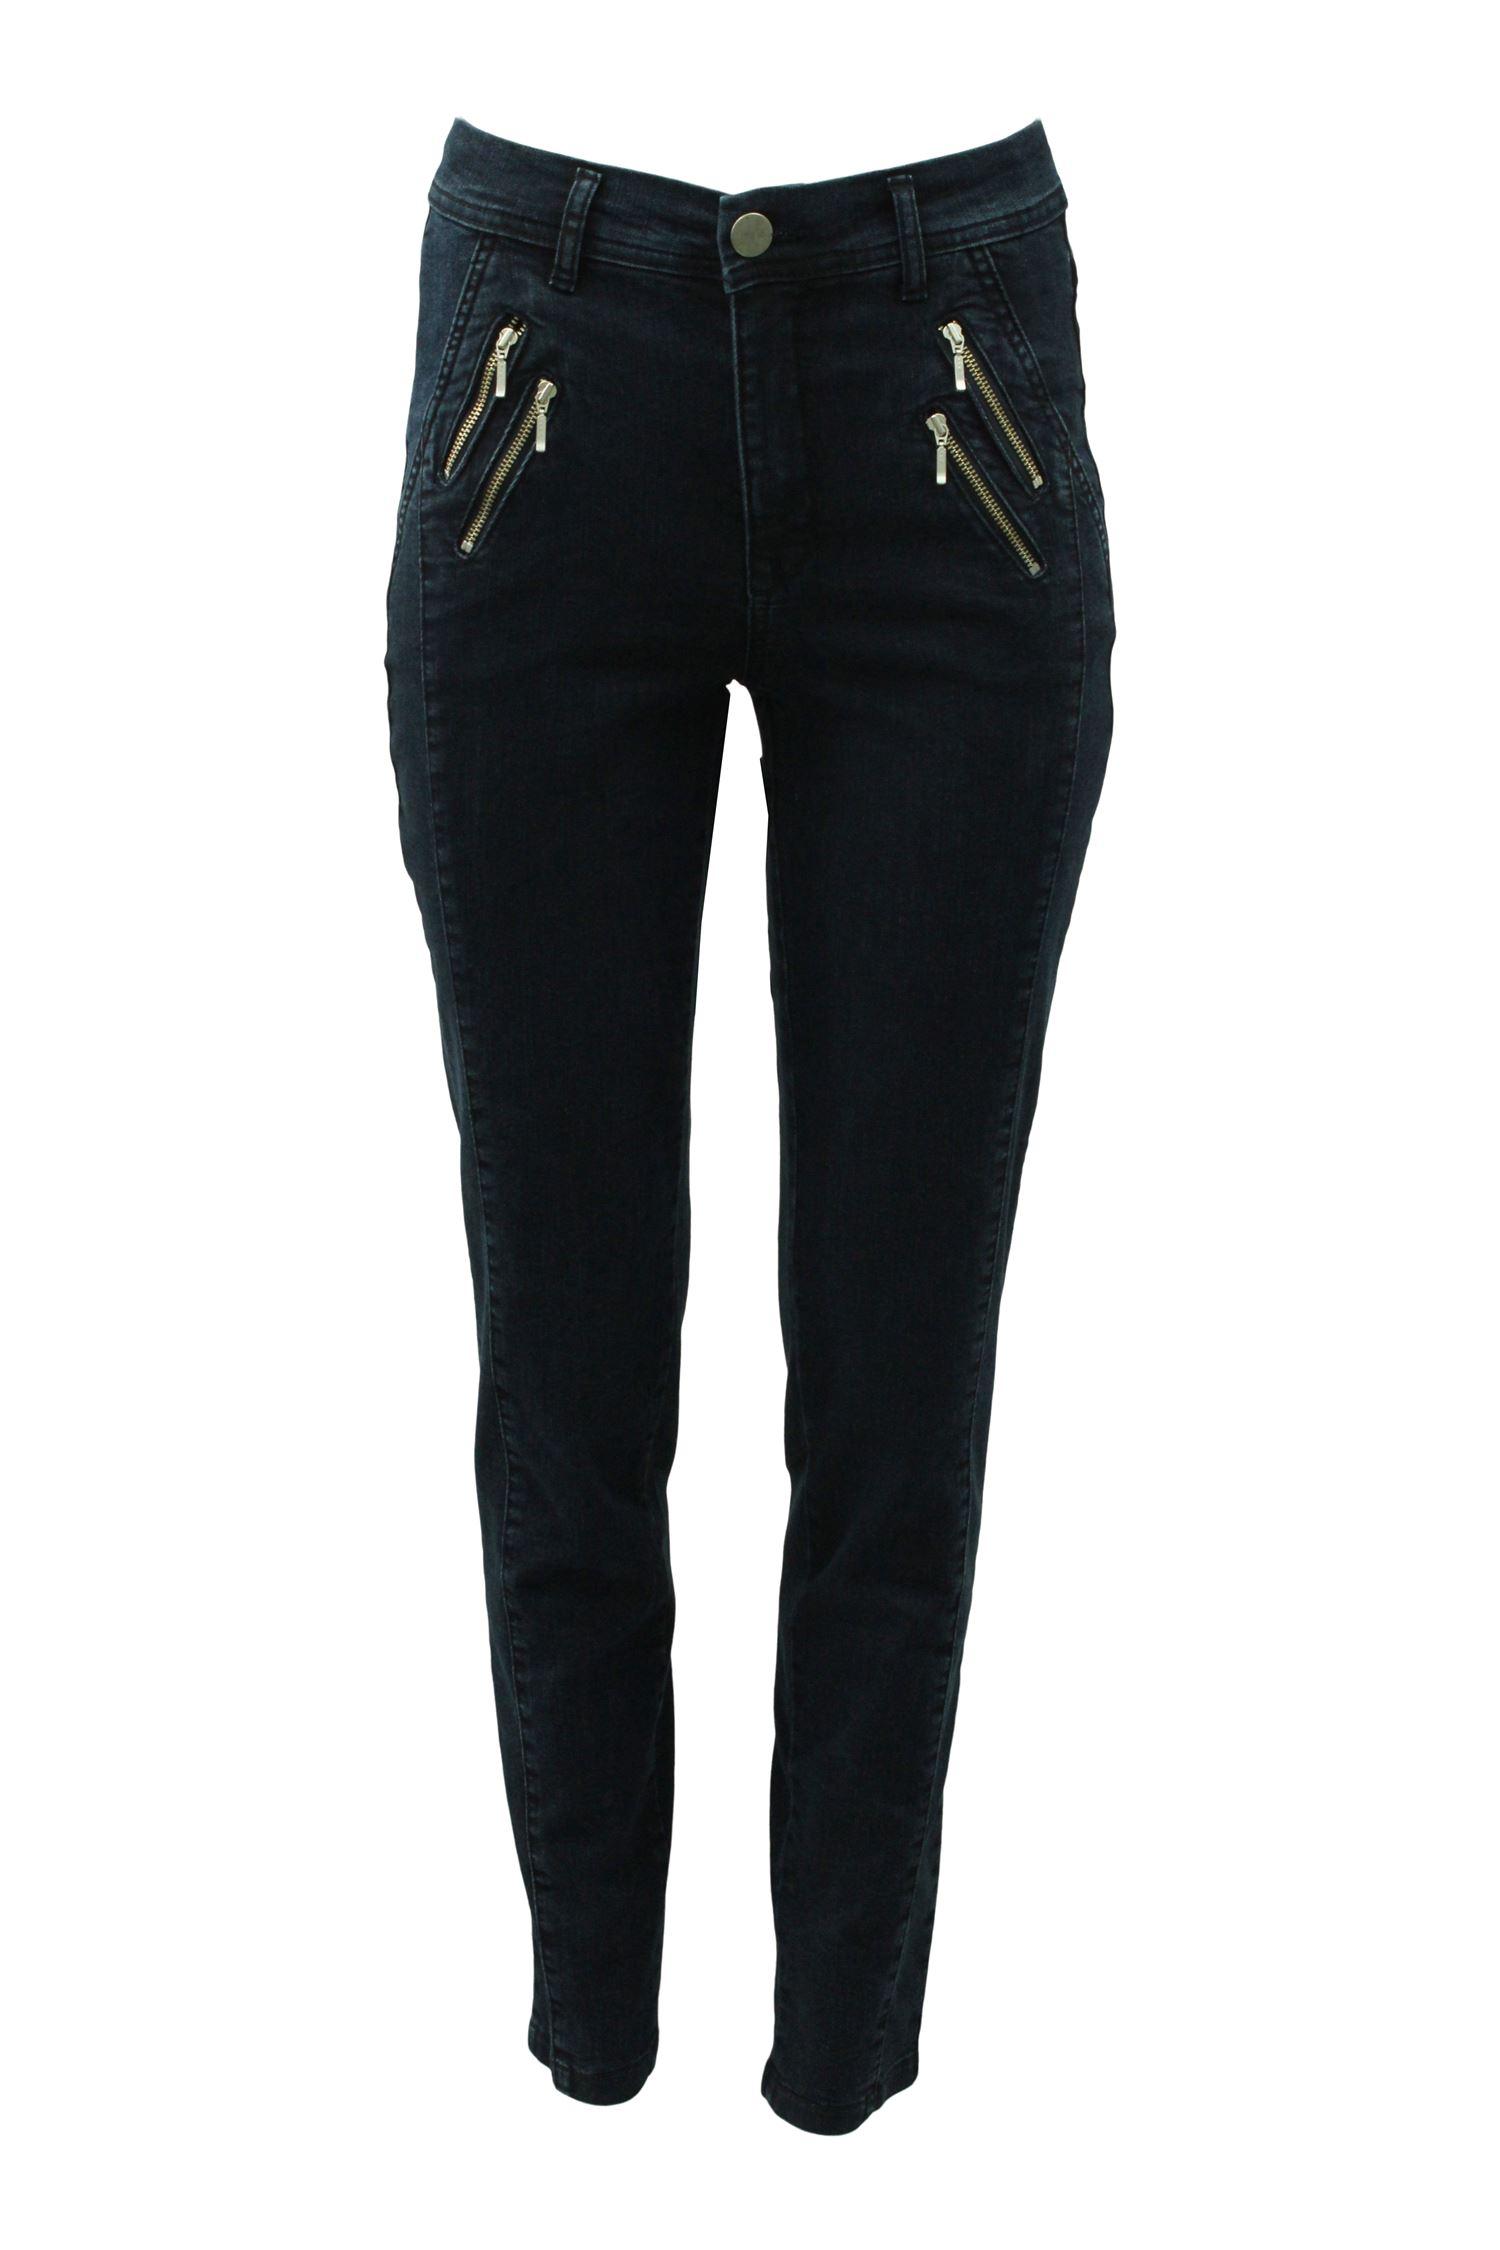 2-Biz Celona bukser